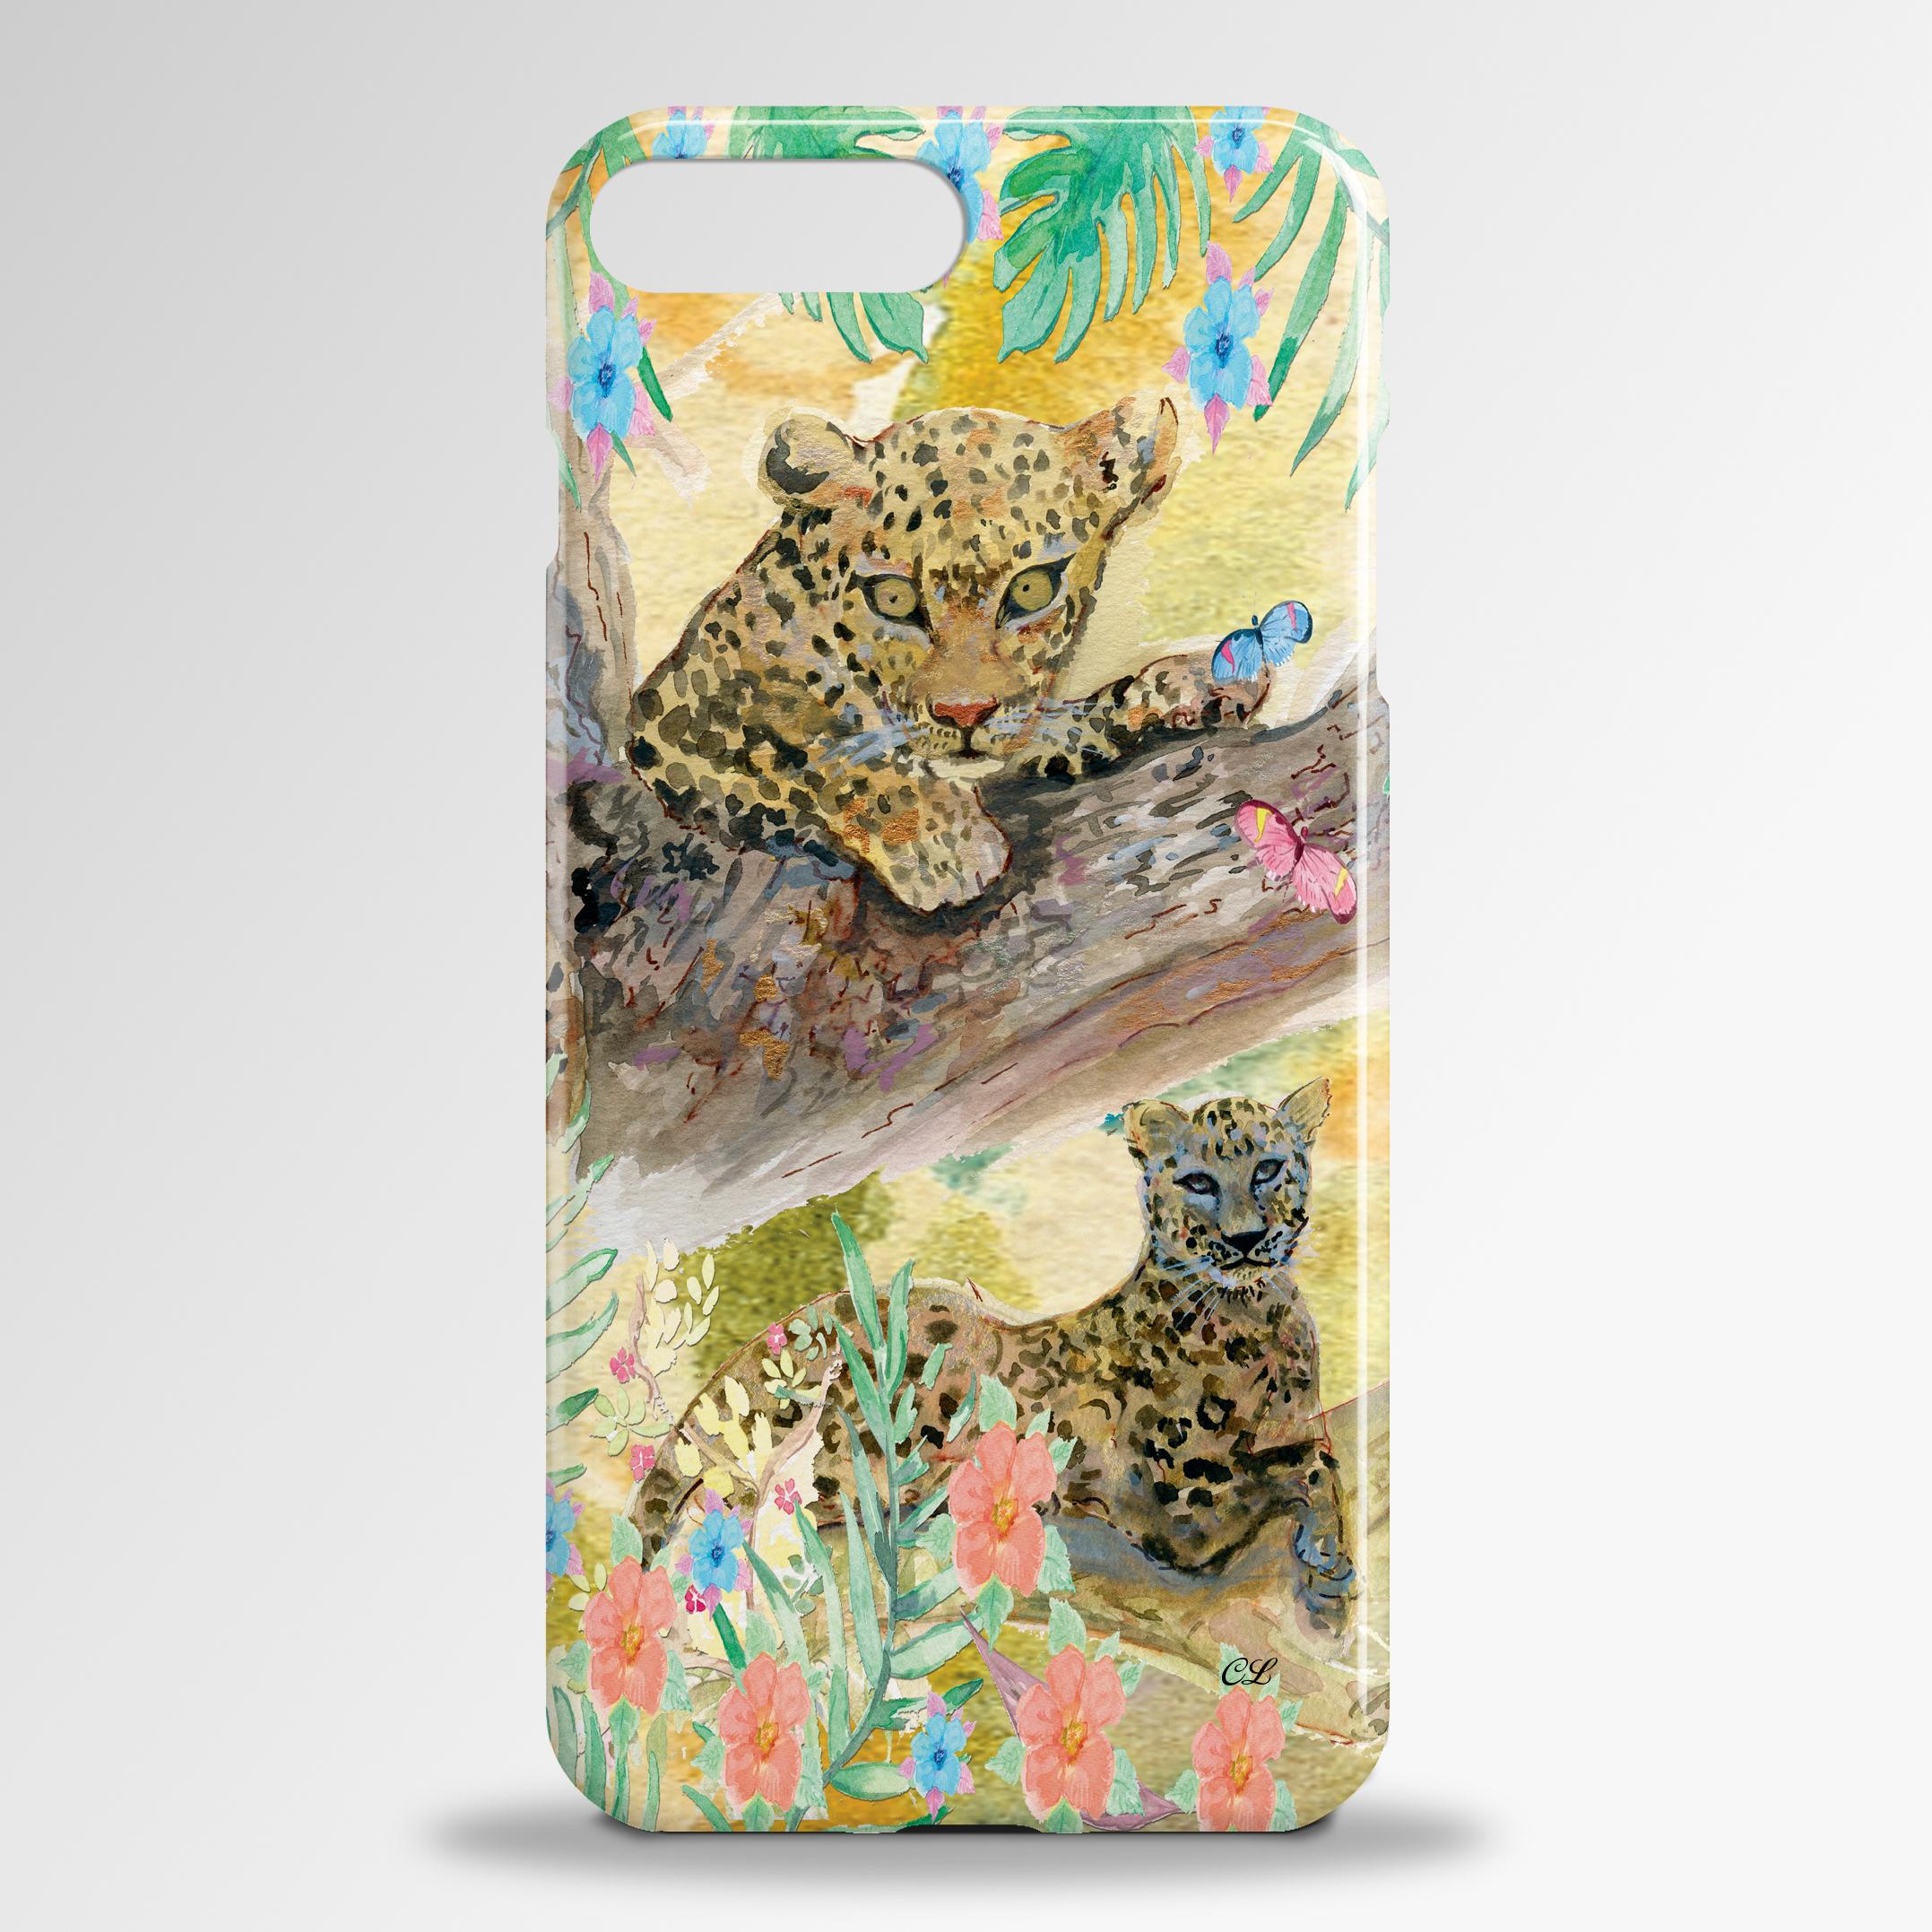 Animal Designed iPhone Cases